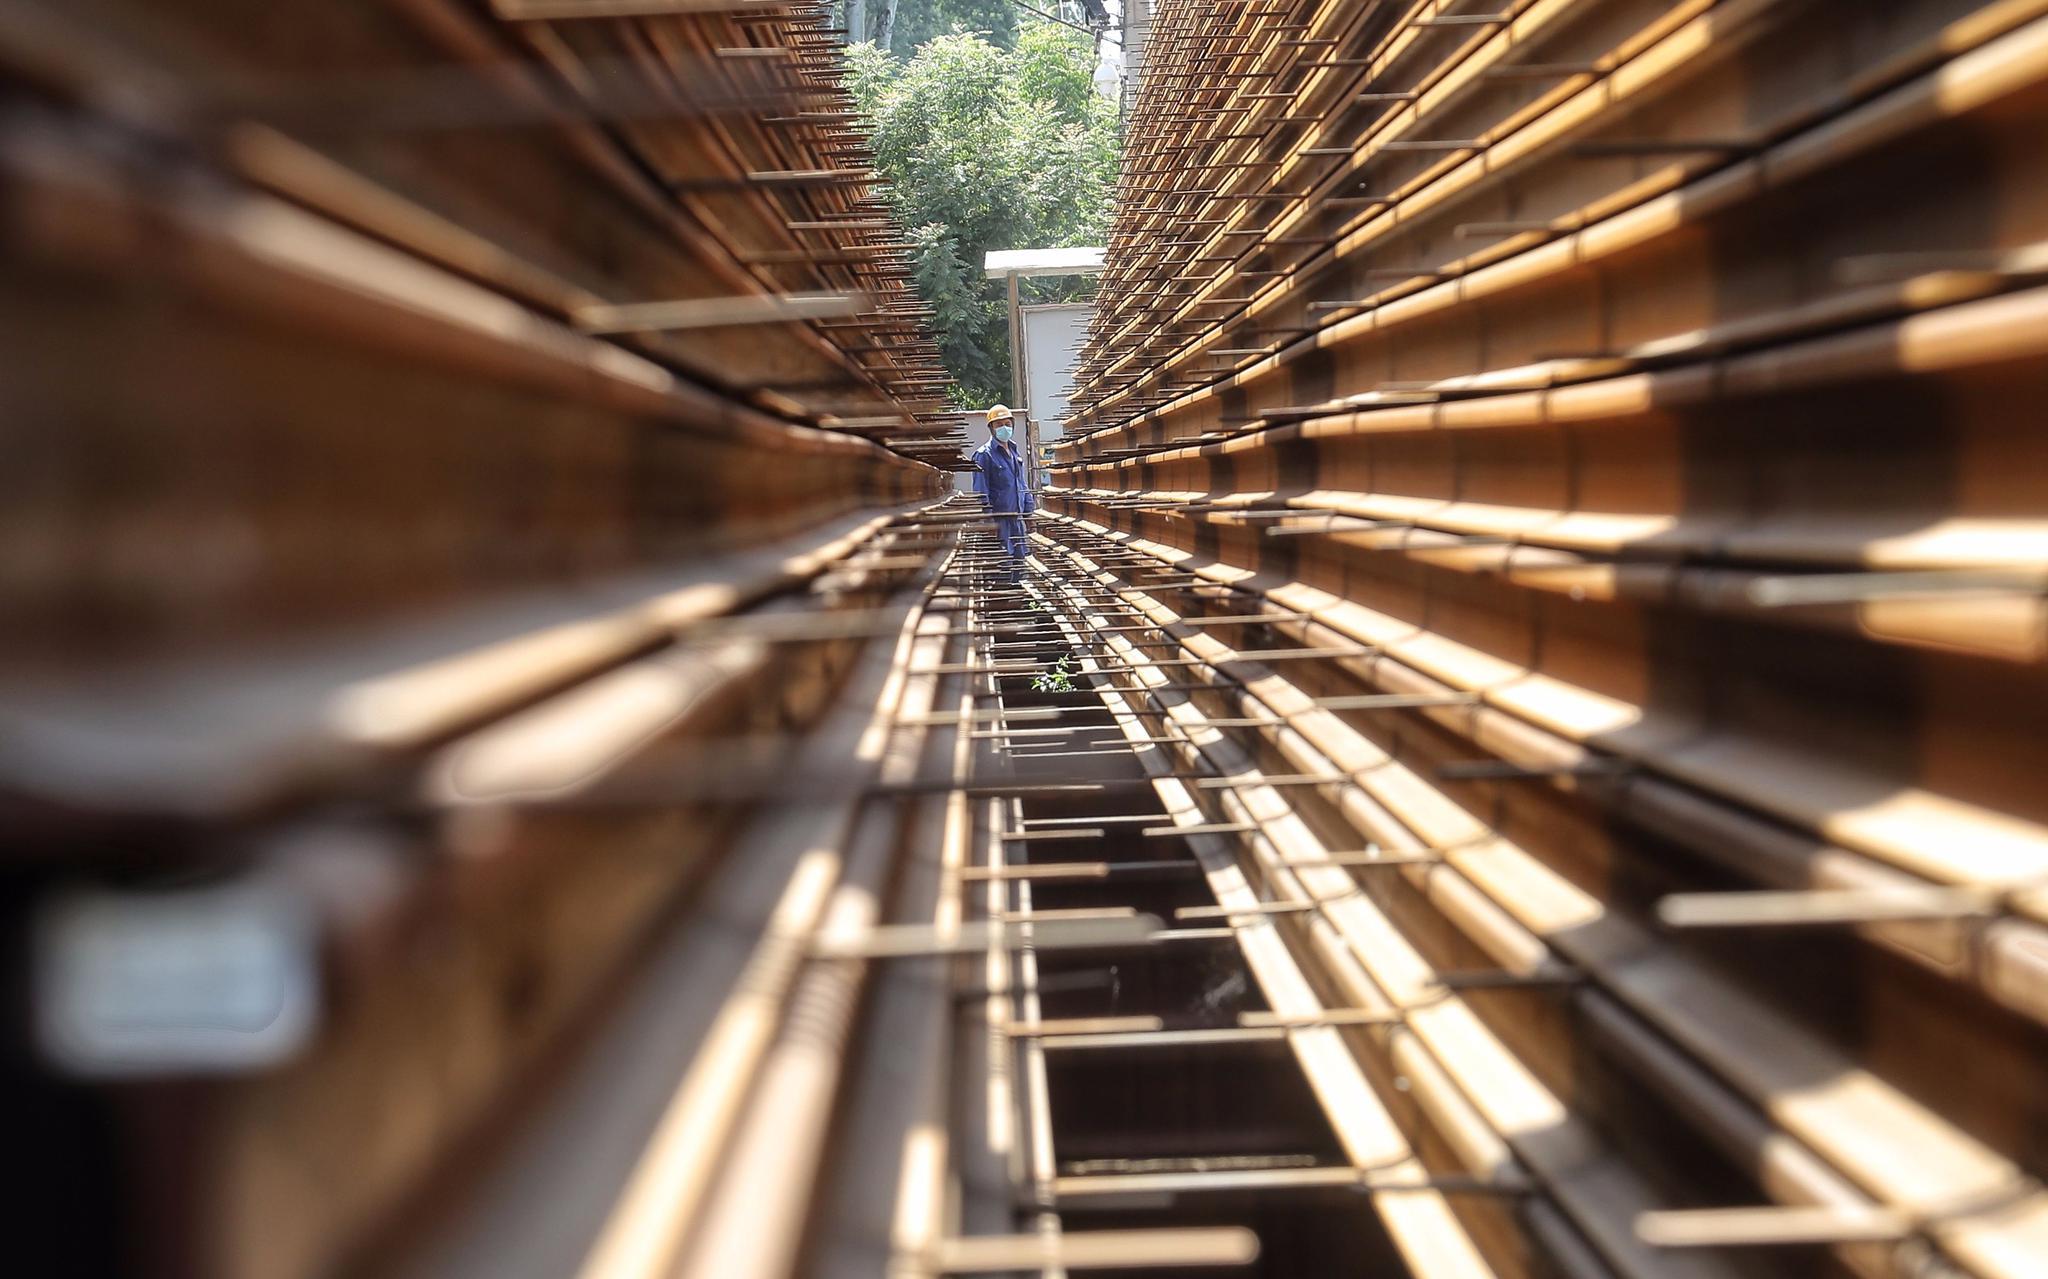 钢轨摆放成金字塔形。摄影/新京报记者 王贵彬